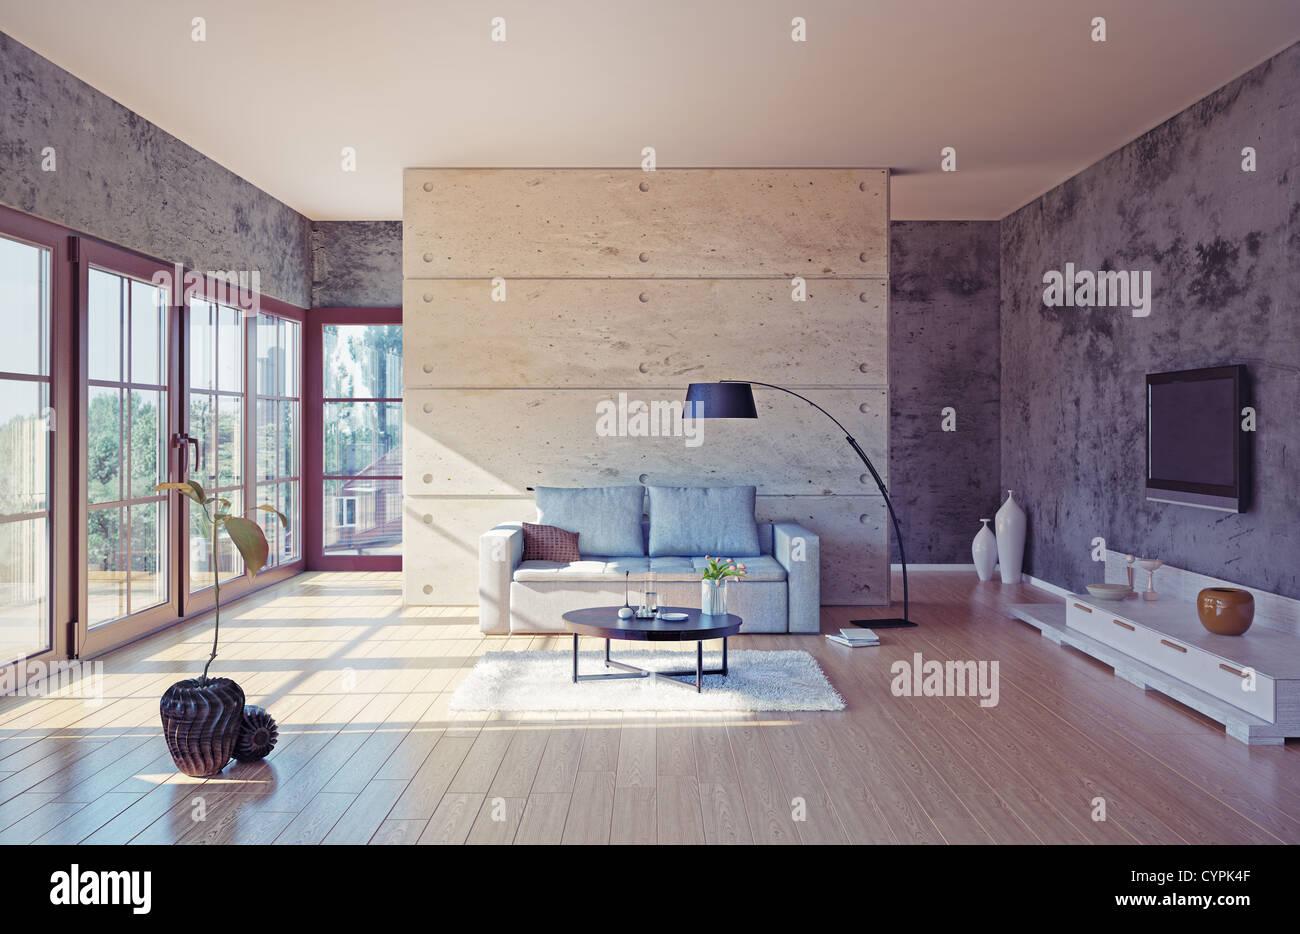 Schöne Moderne Wohnzimmer Interieur (Abbildung)